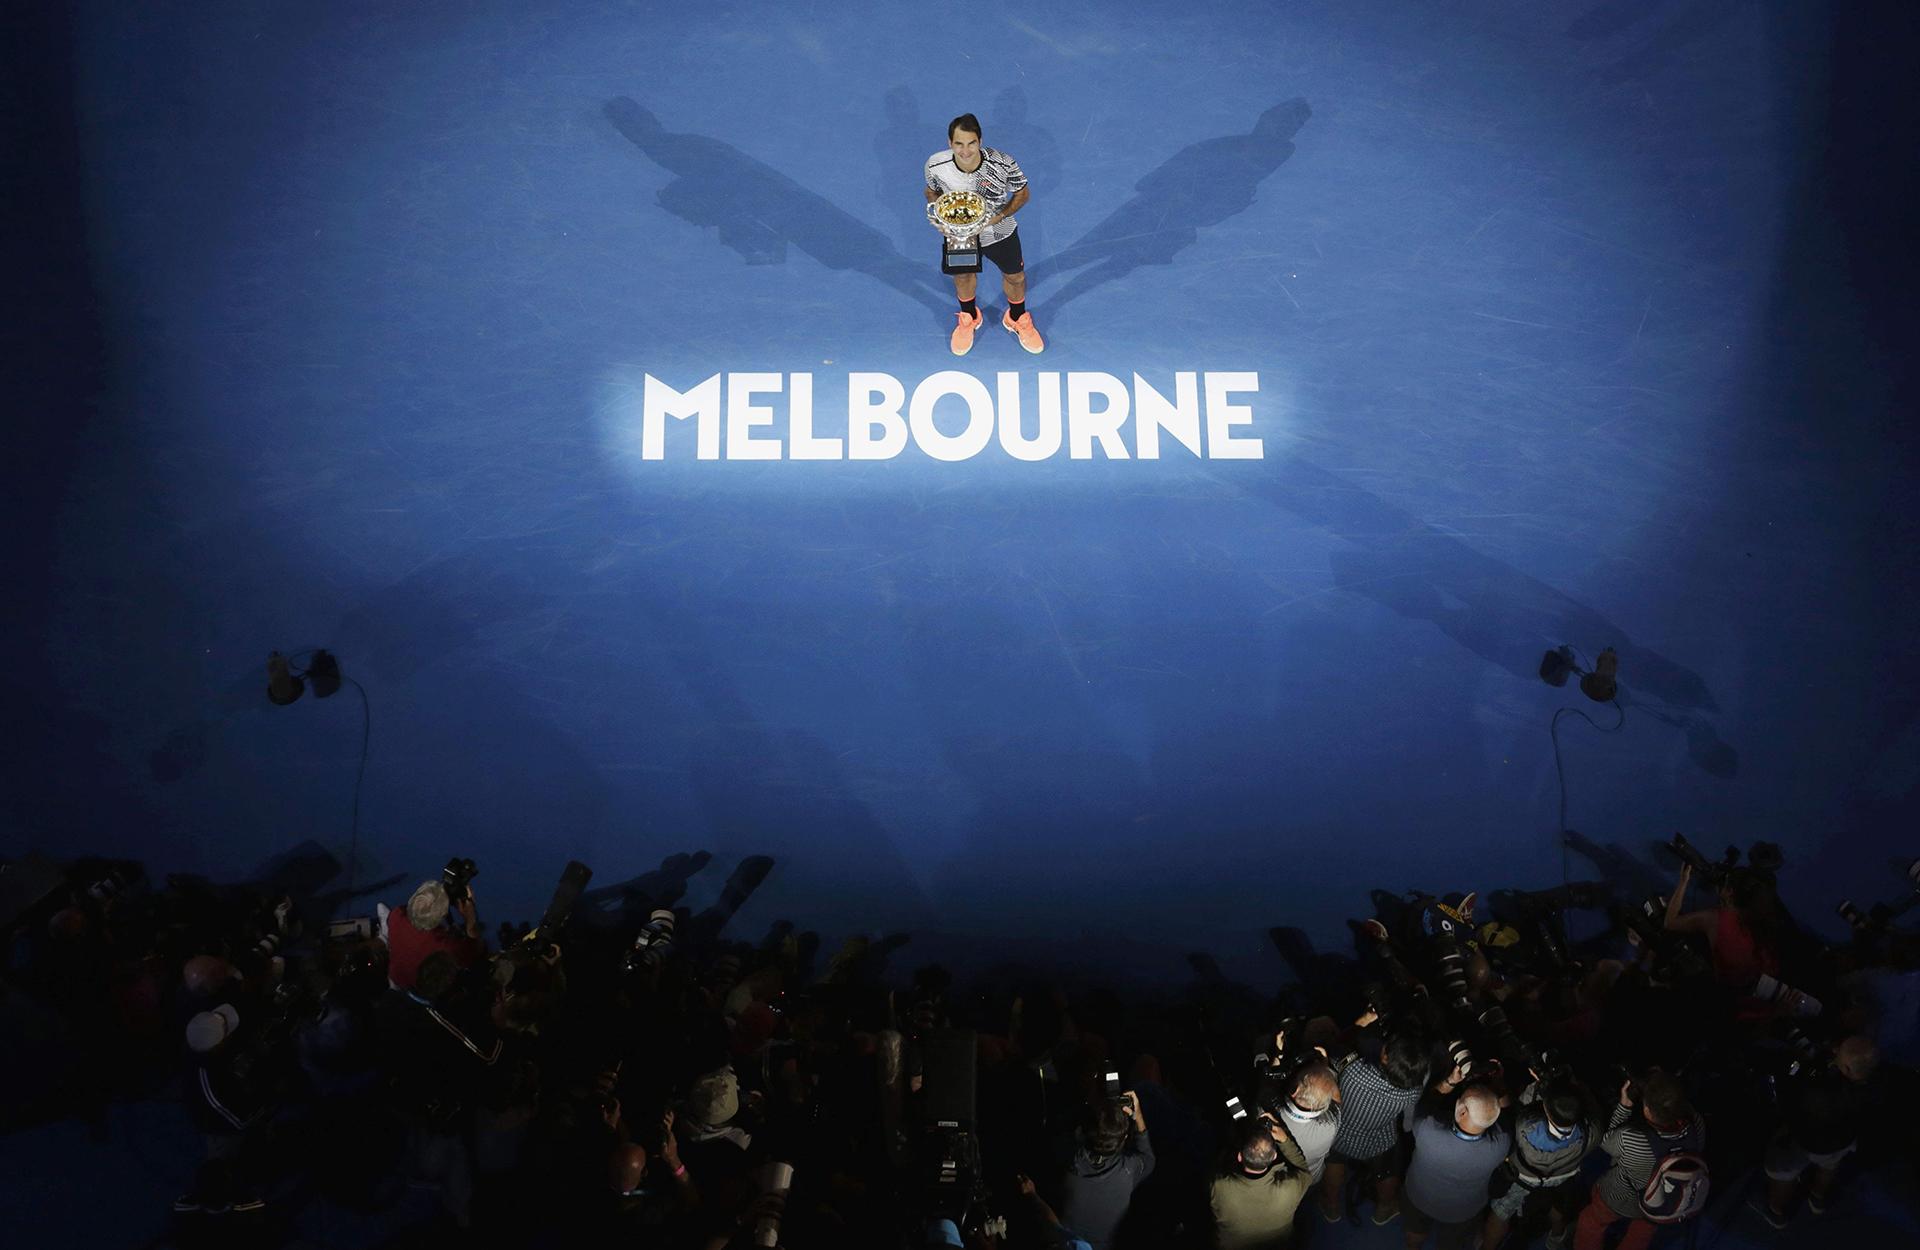 Roger Federer quedó con 18 títulos grandes mientras que en lo más alto se encuentra Margaret Court con 24